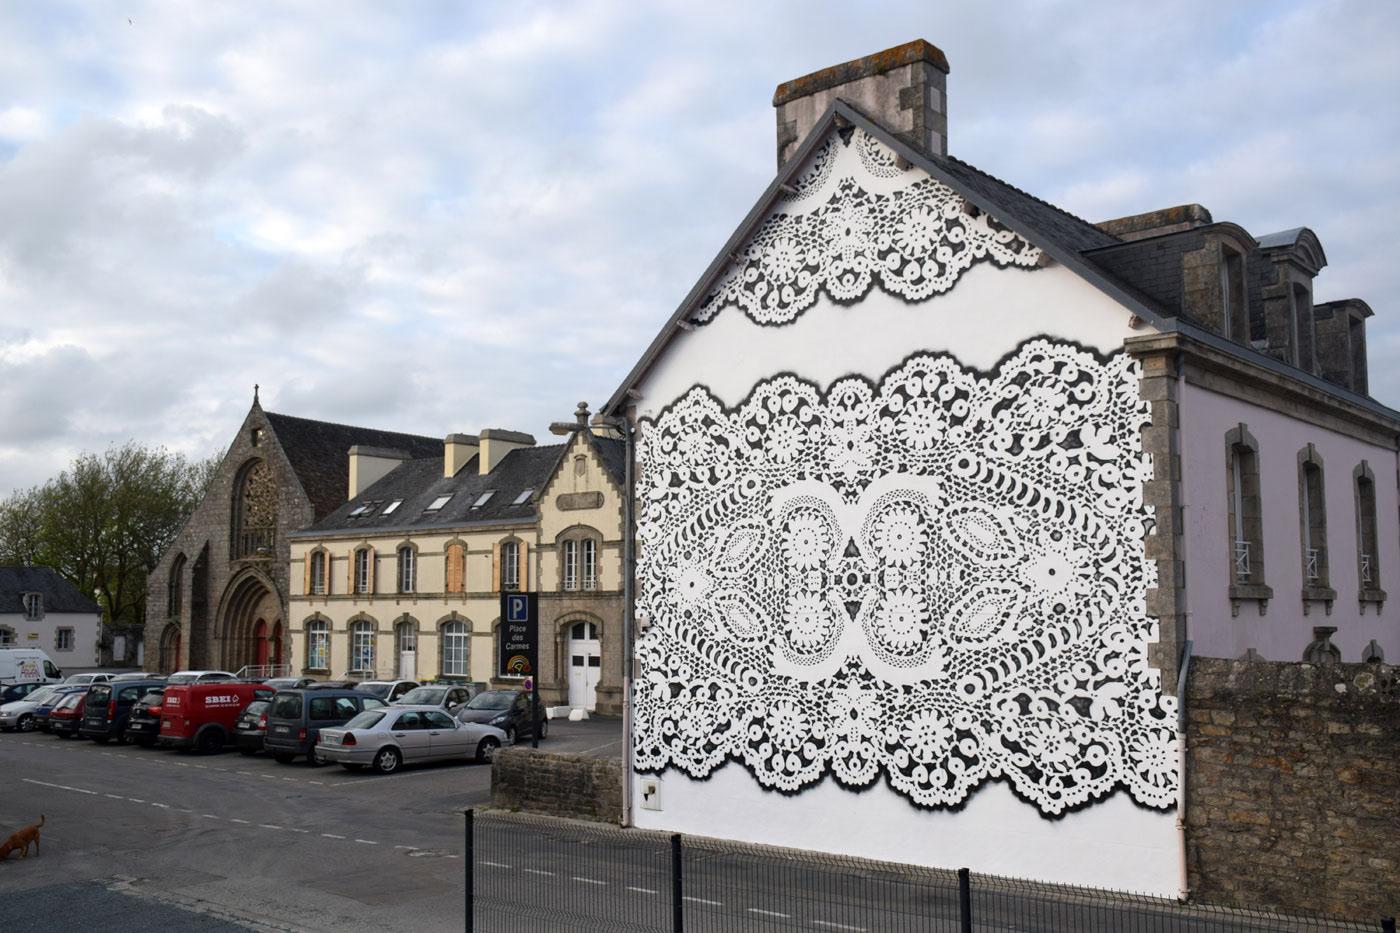 Street Artist NeSpoon Creates Gigantic Lace Pattern Art